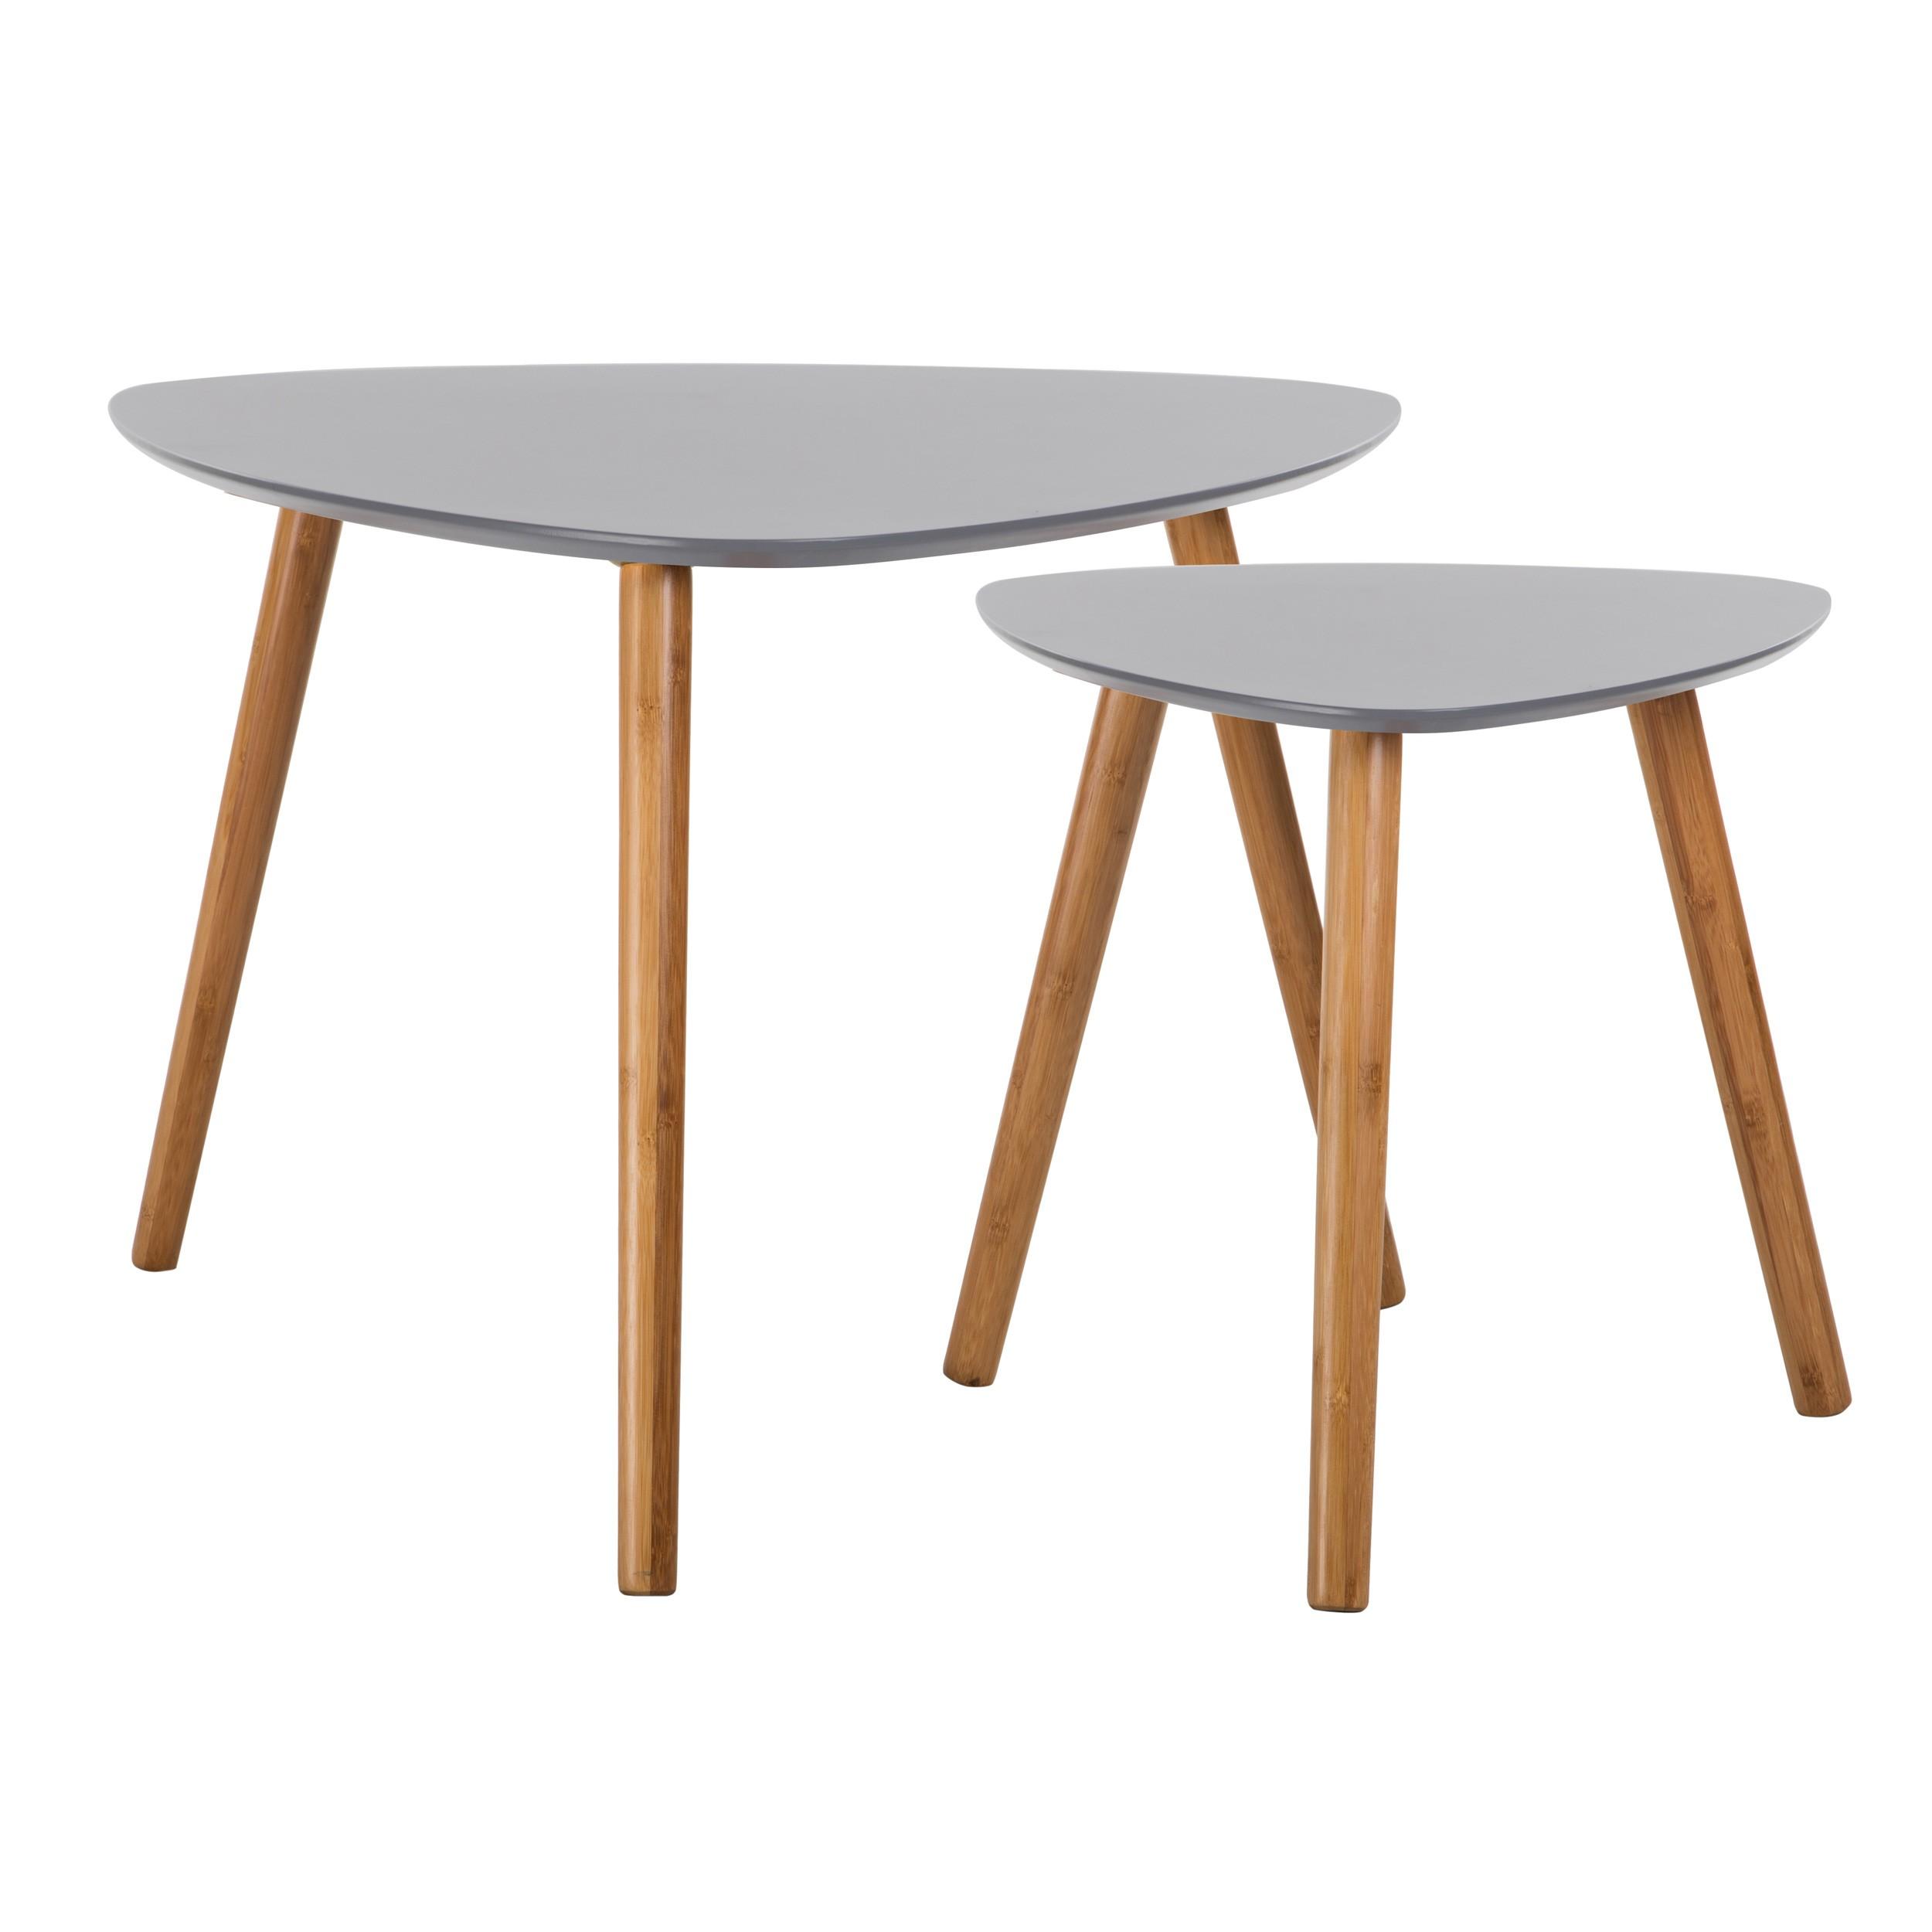 table basse scandinave grise lot de 2